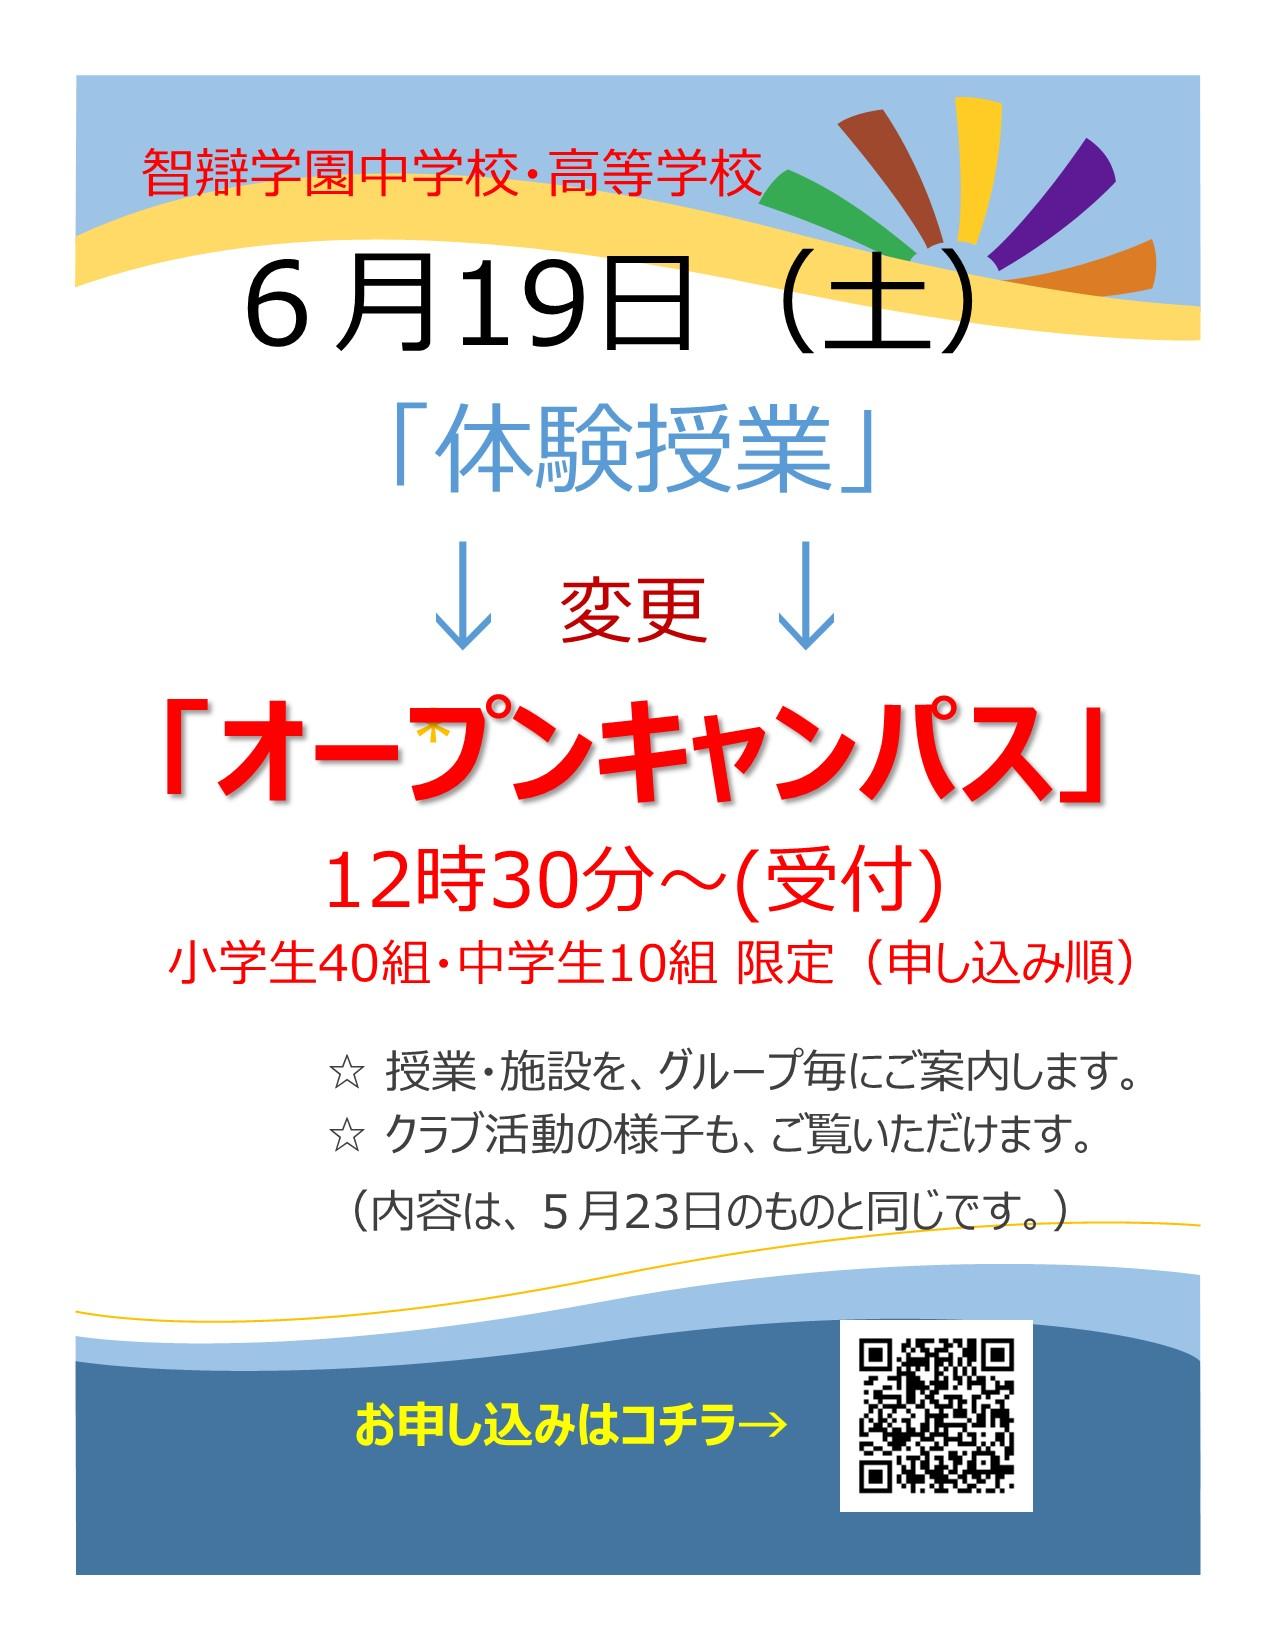 【中学校】「体験授業(6月19日)」を「オープンキャンパス」に変更いたします。